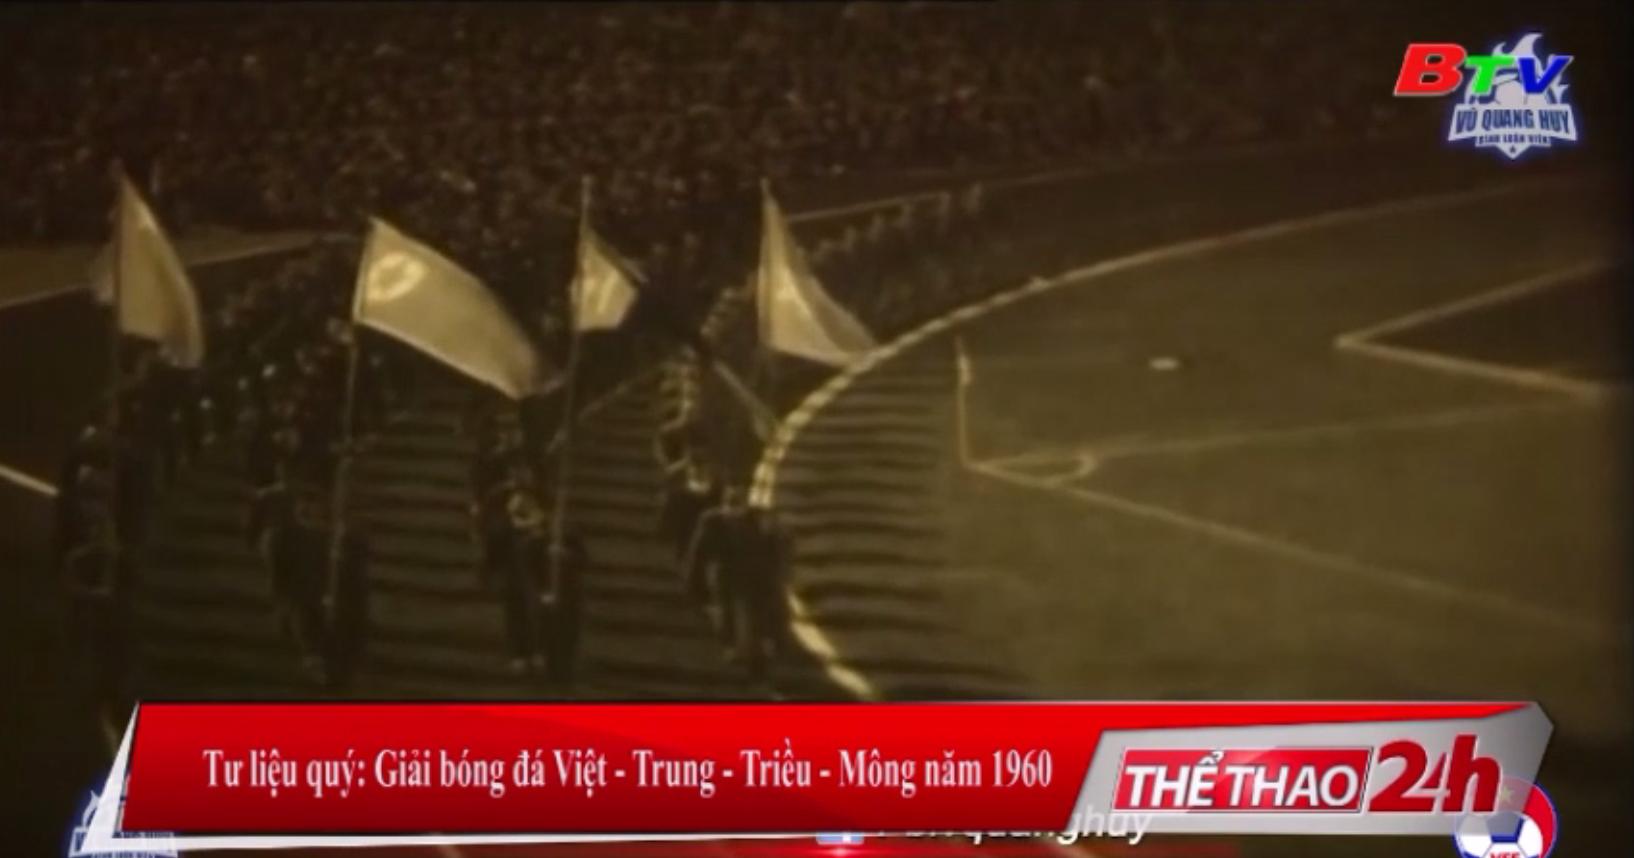 Tư liệu quý Giải bóng đá Việt - Trung - Triều - Mông năm 1960